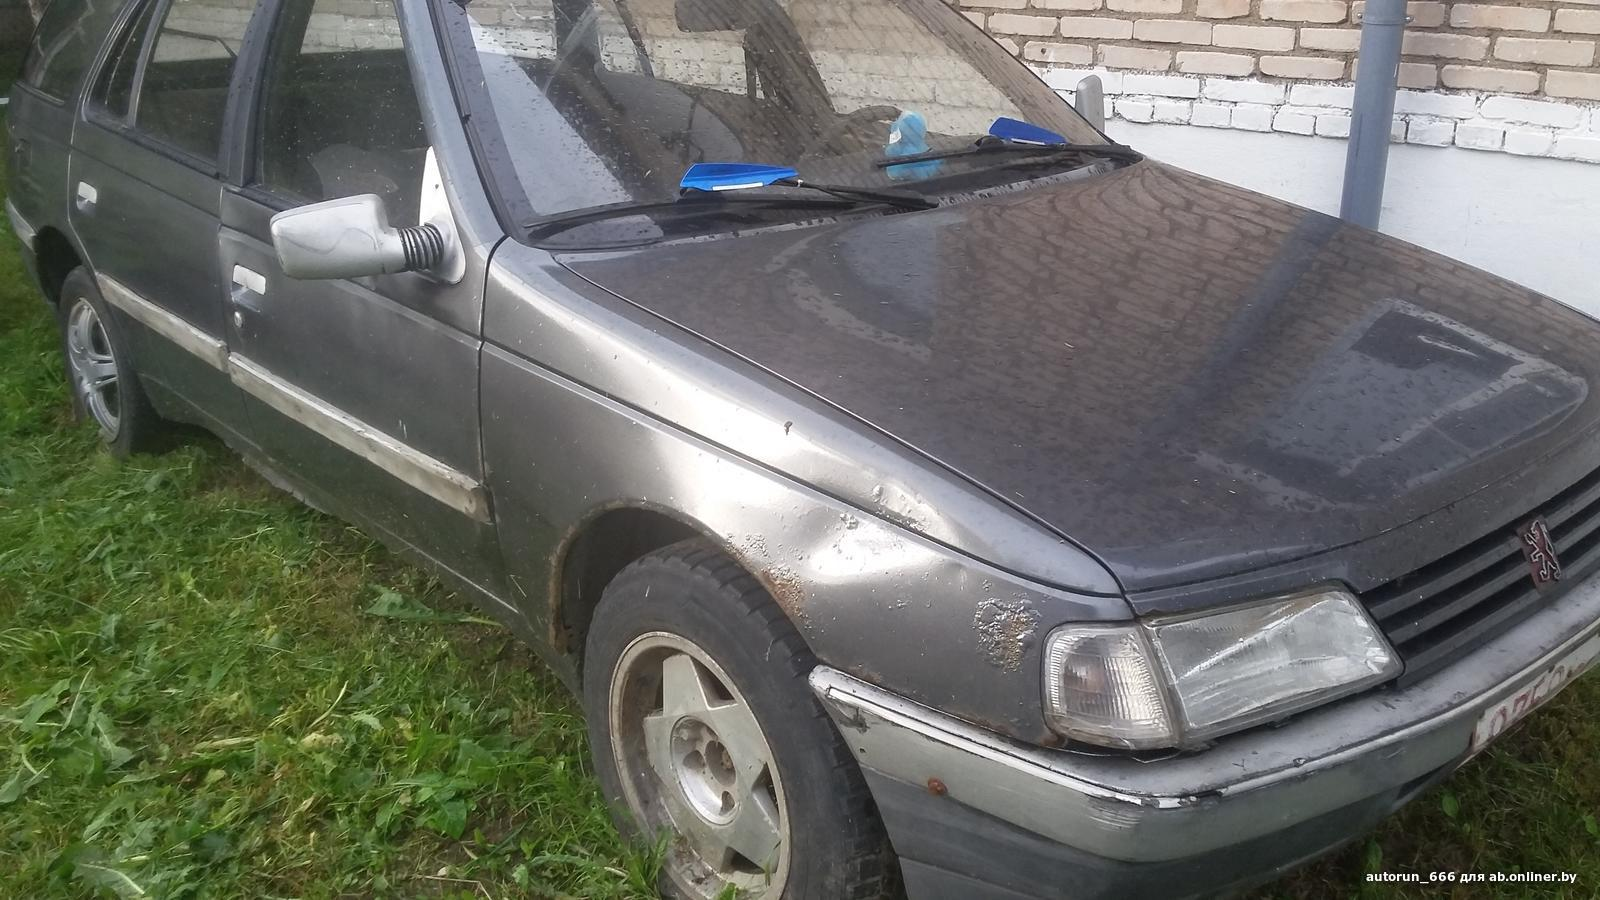 Peugeot 405 gt